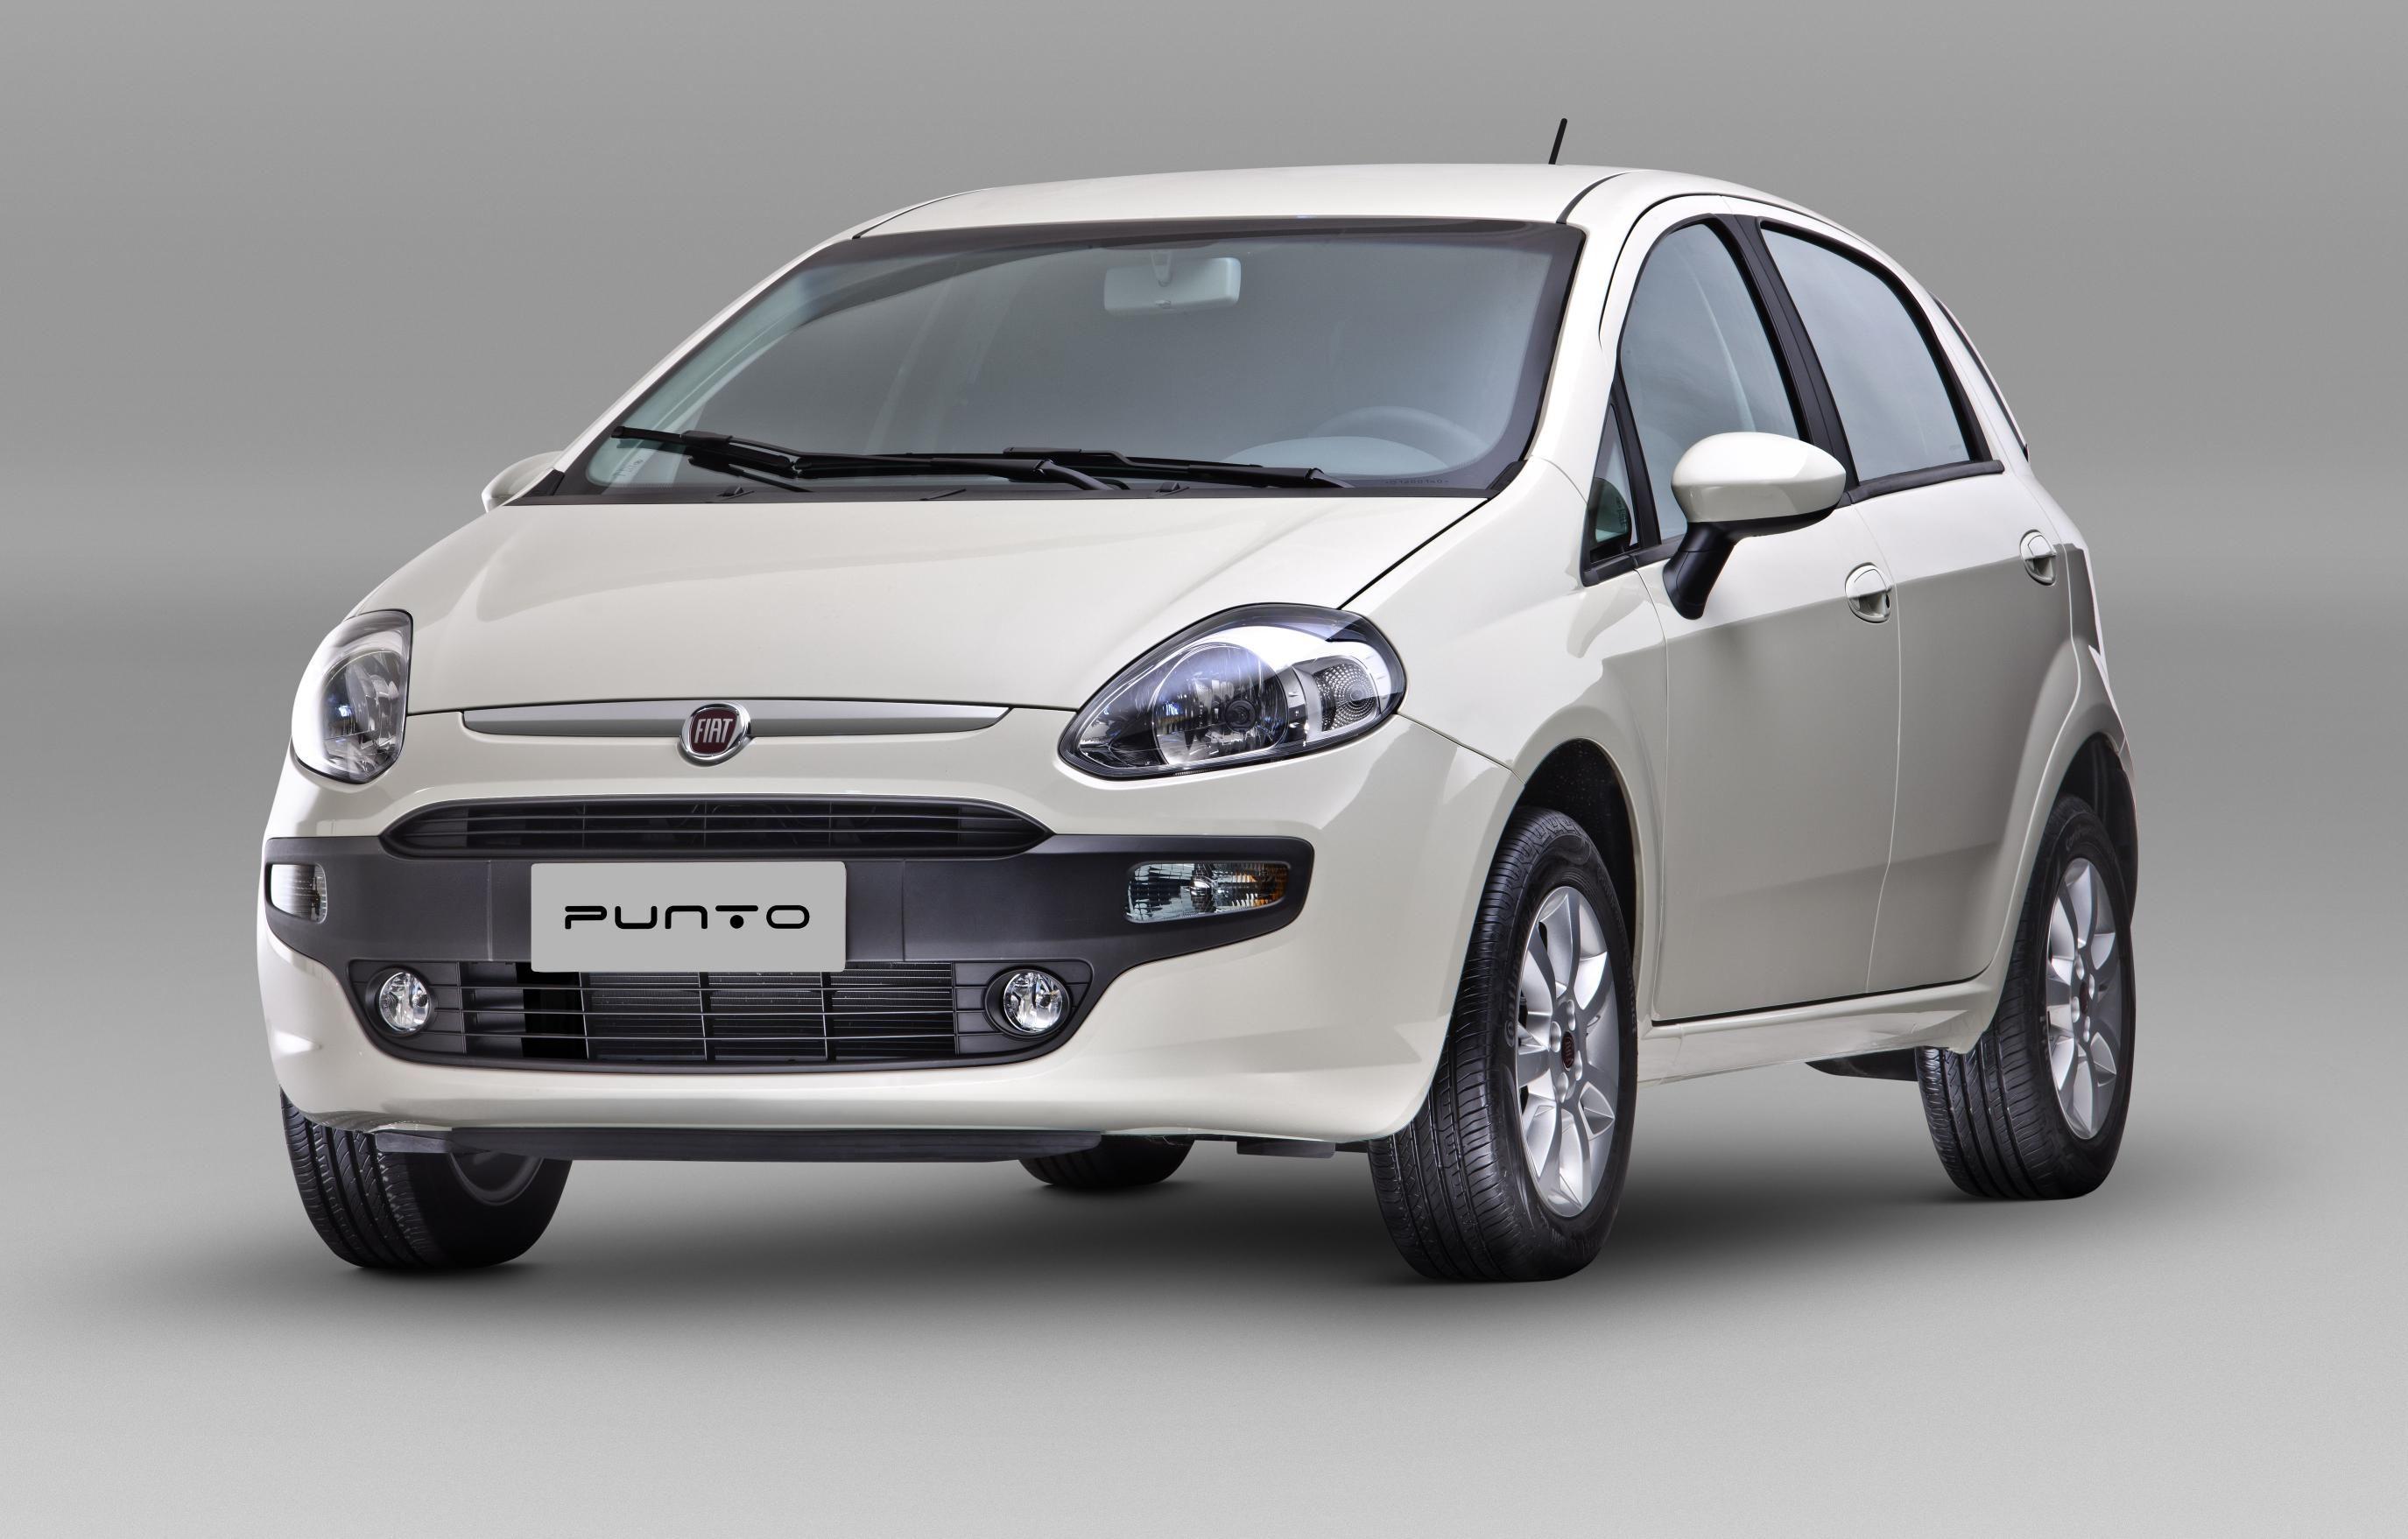 37++ Fiat punto classic 2012 trends